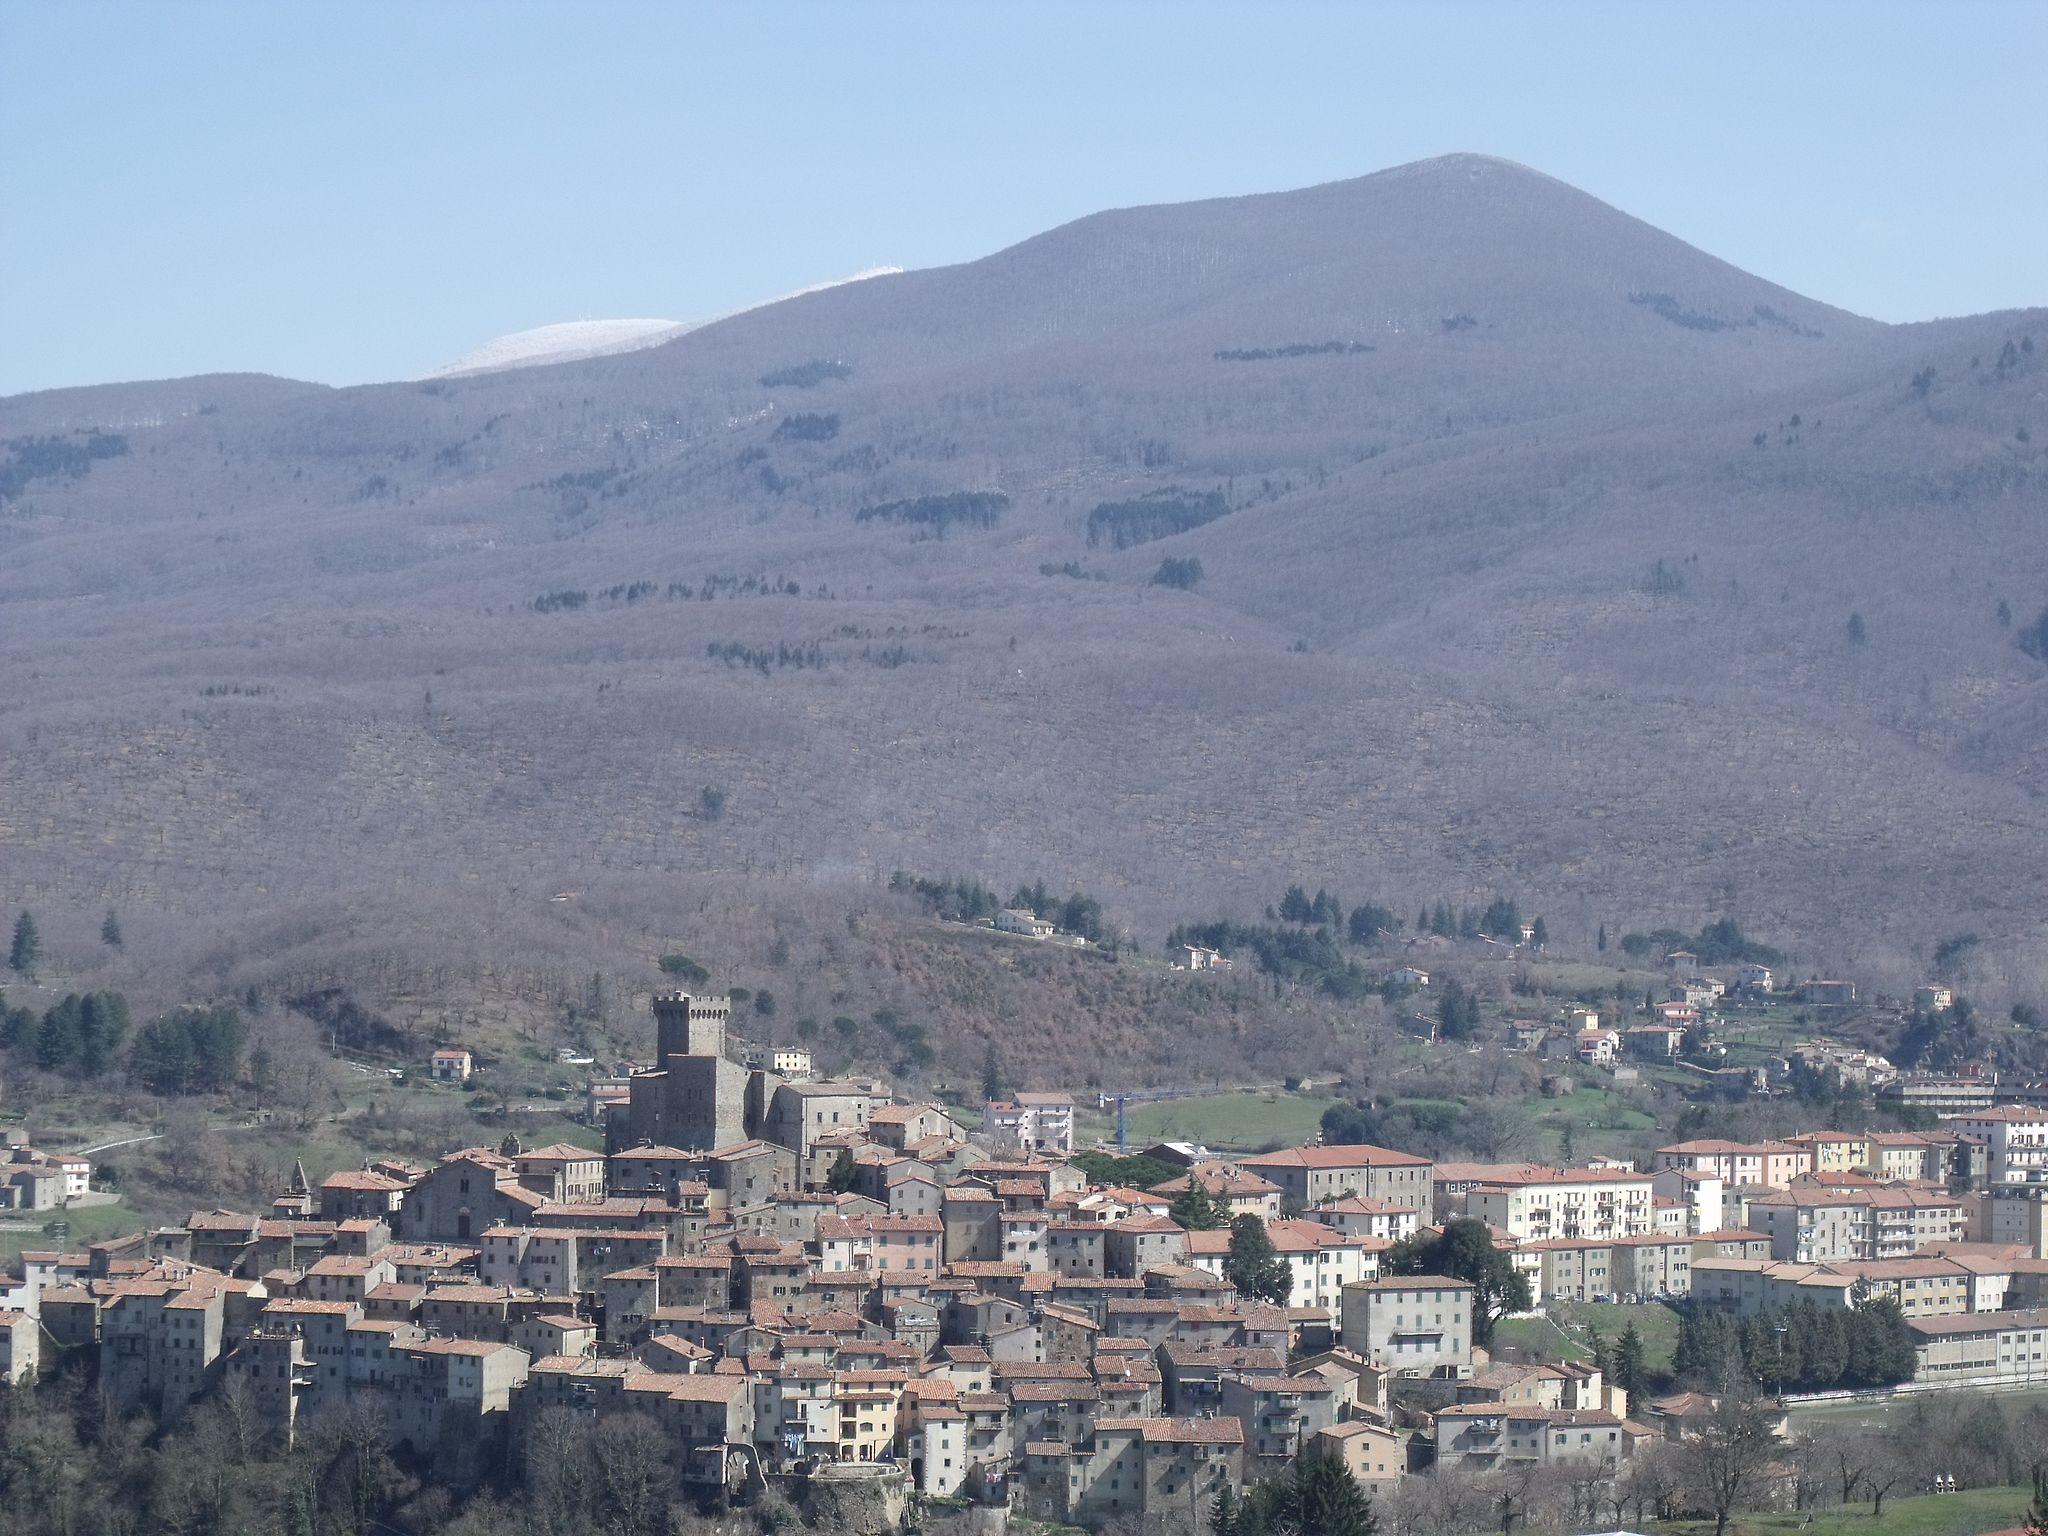 Arcidosso e il Monte Amiata, panorama